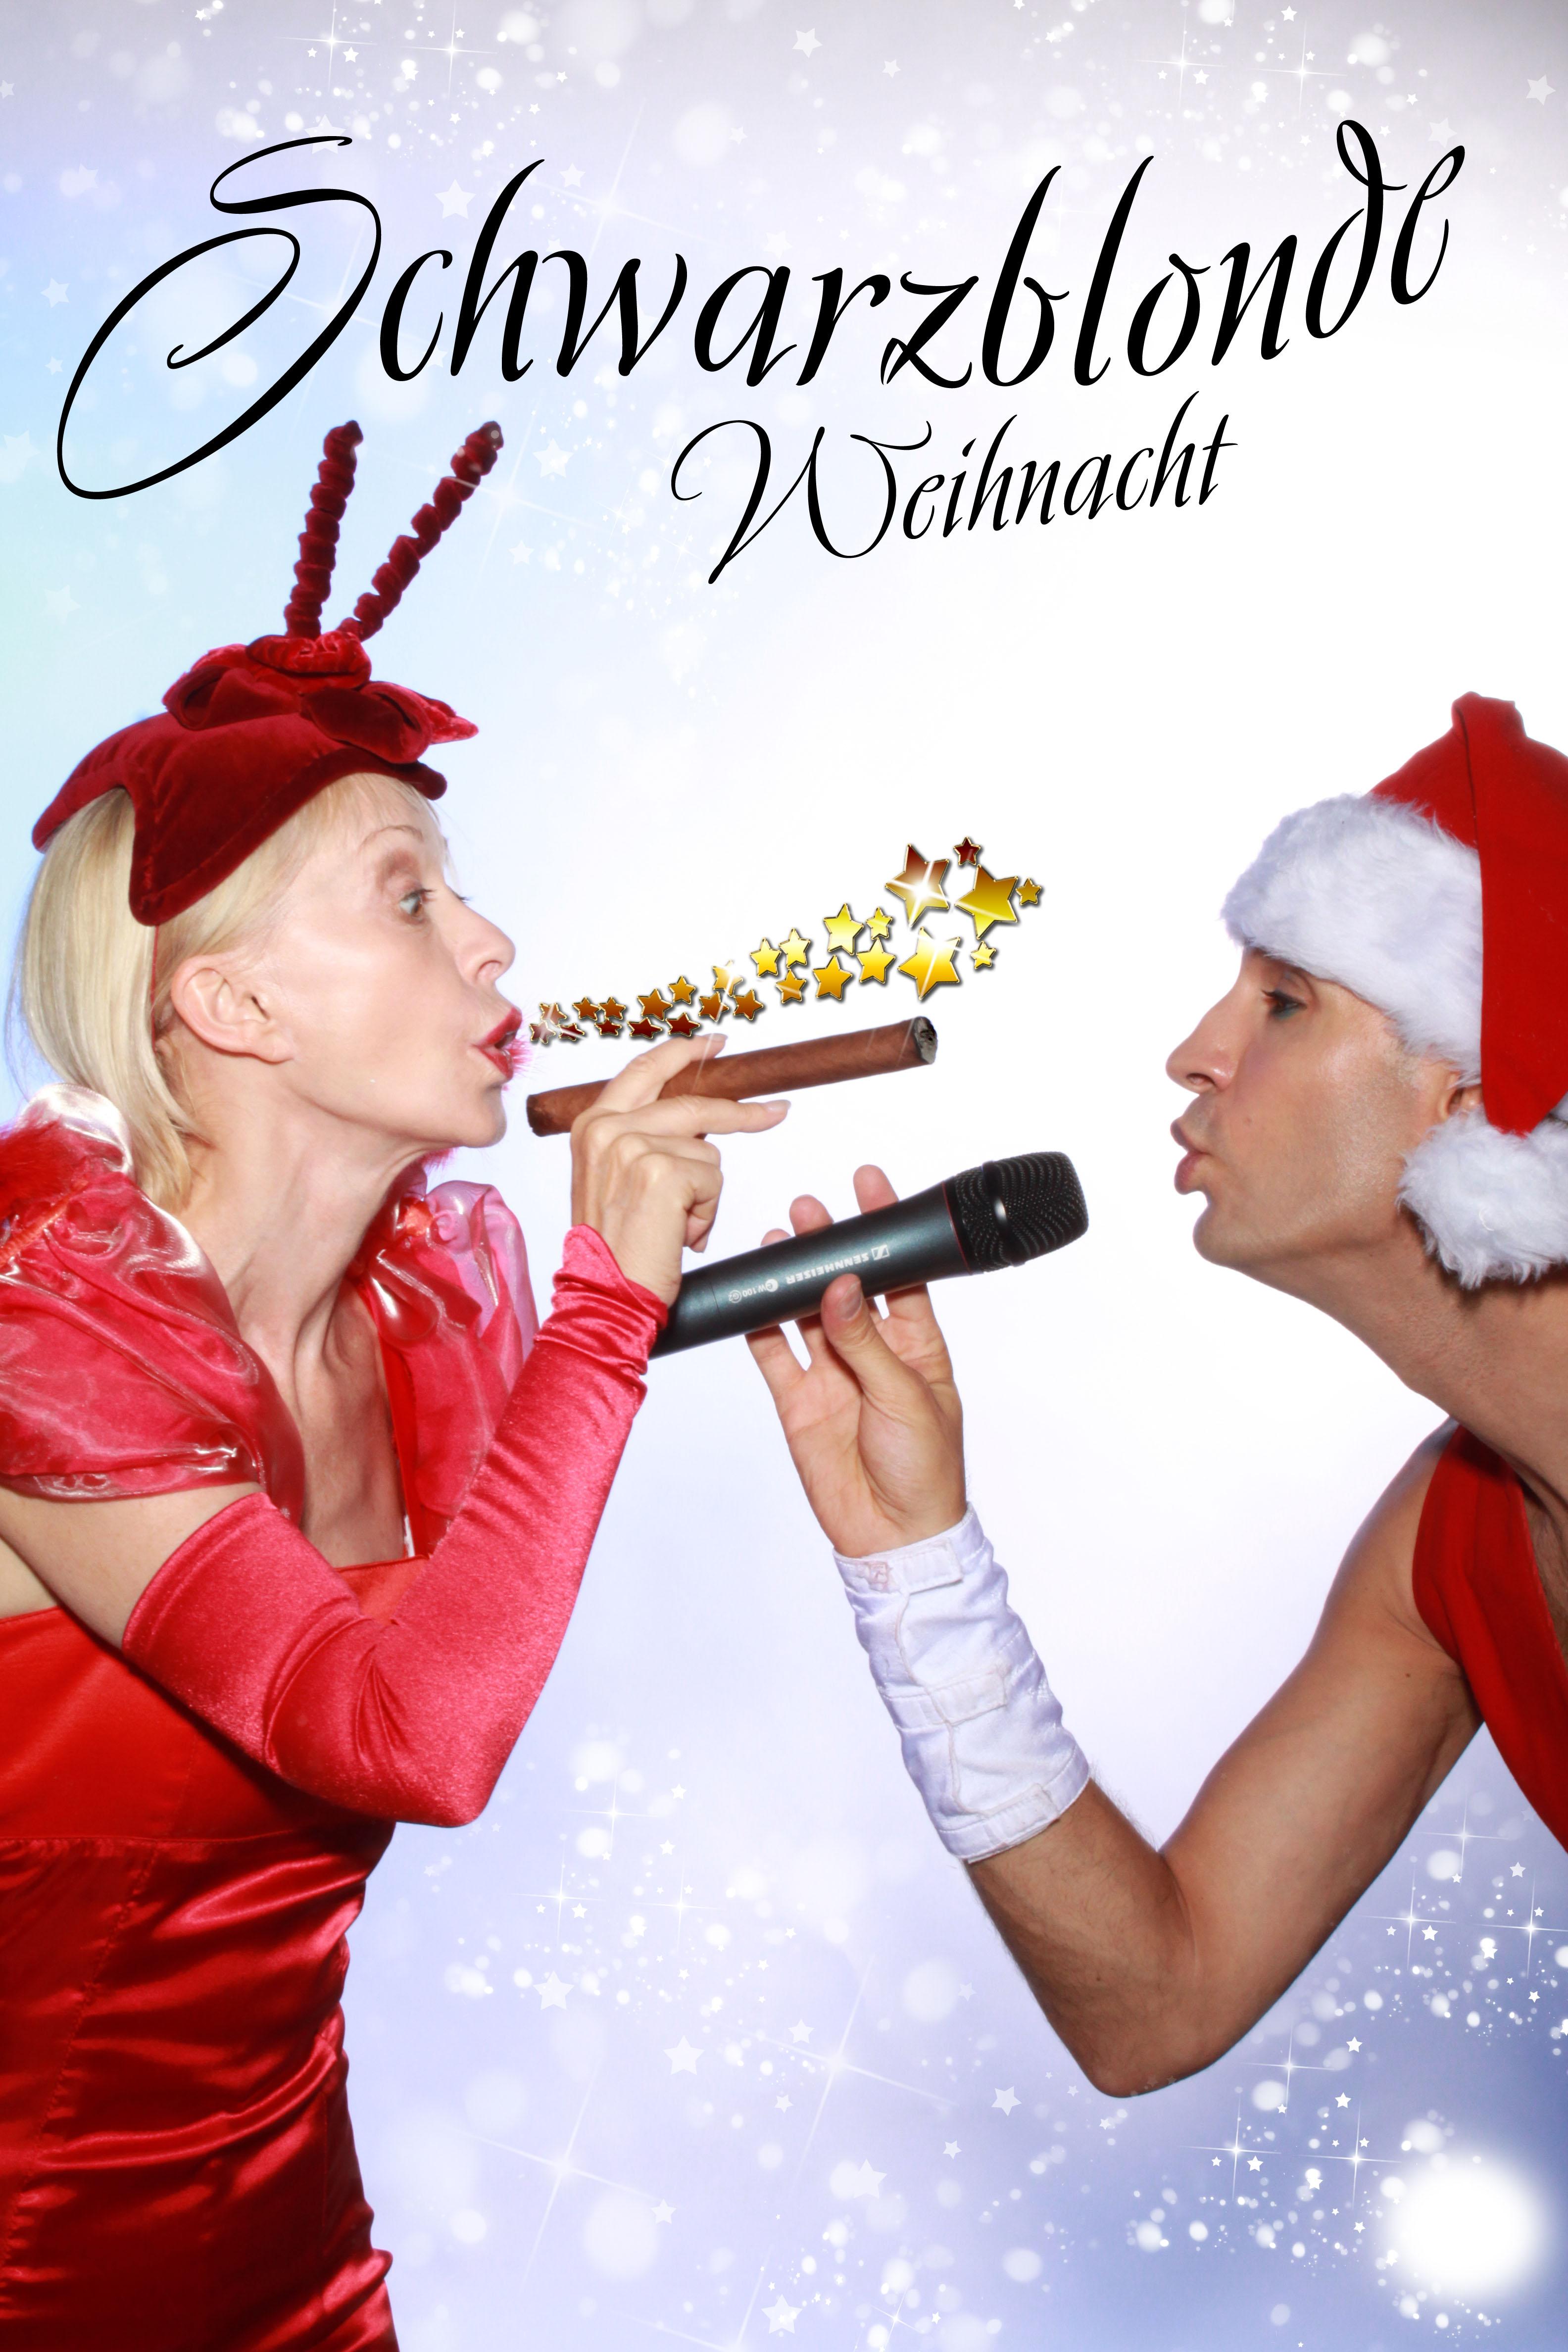 Preview: Schwarz-Blonde Weihnacht